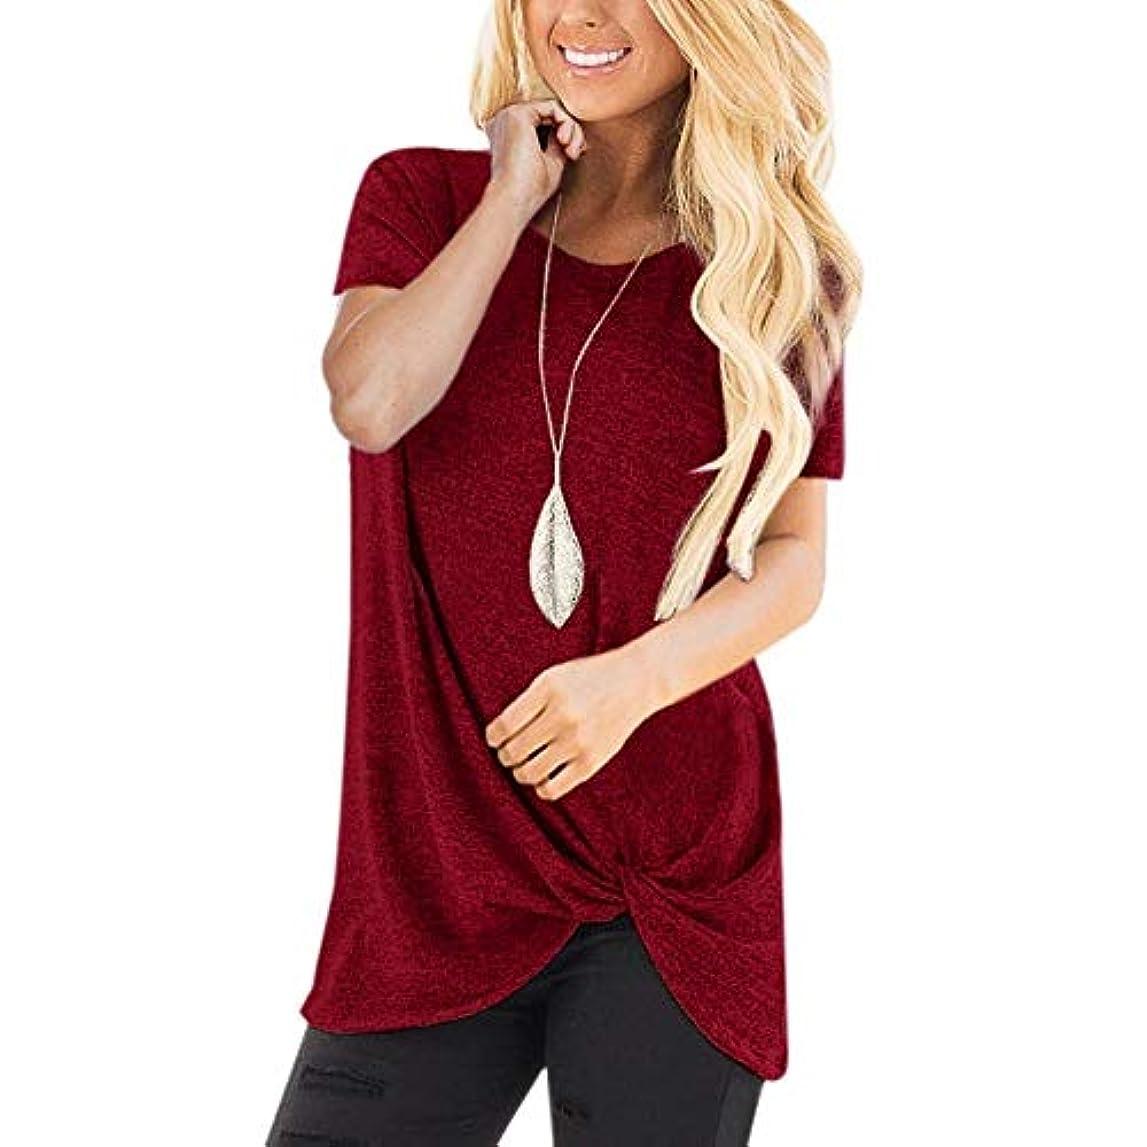 火炎風が強い戸棚MIFAN コットンTシャツ、カジュアルTシャツ、レディースブラウス、トップス&Tシャツ、プラスサイズ、ルーズtシャツ